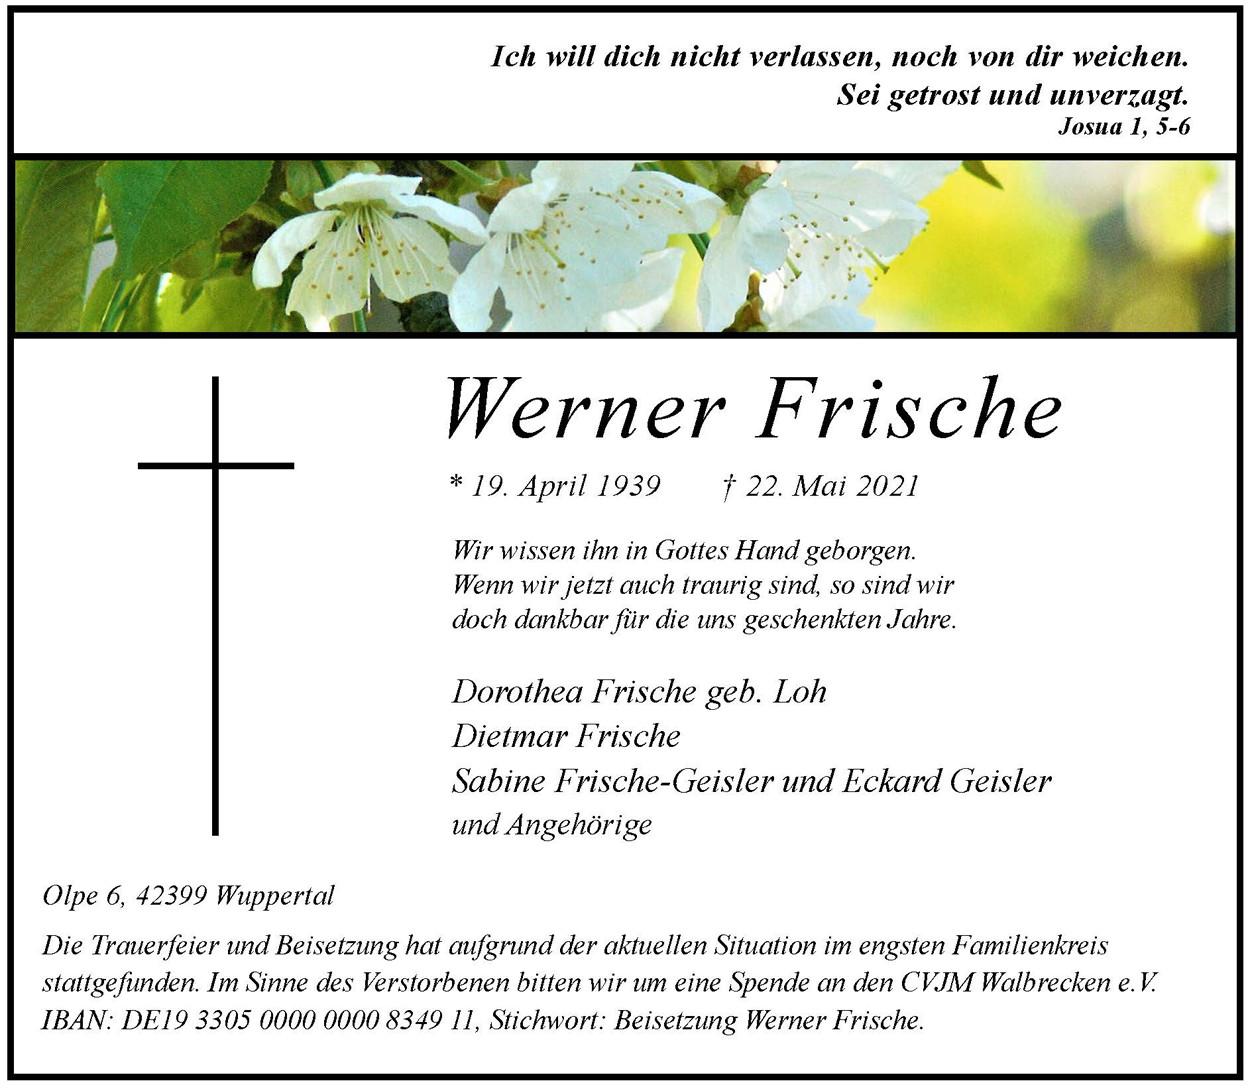 Werner Frische